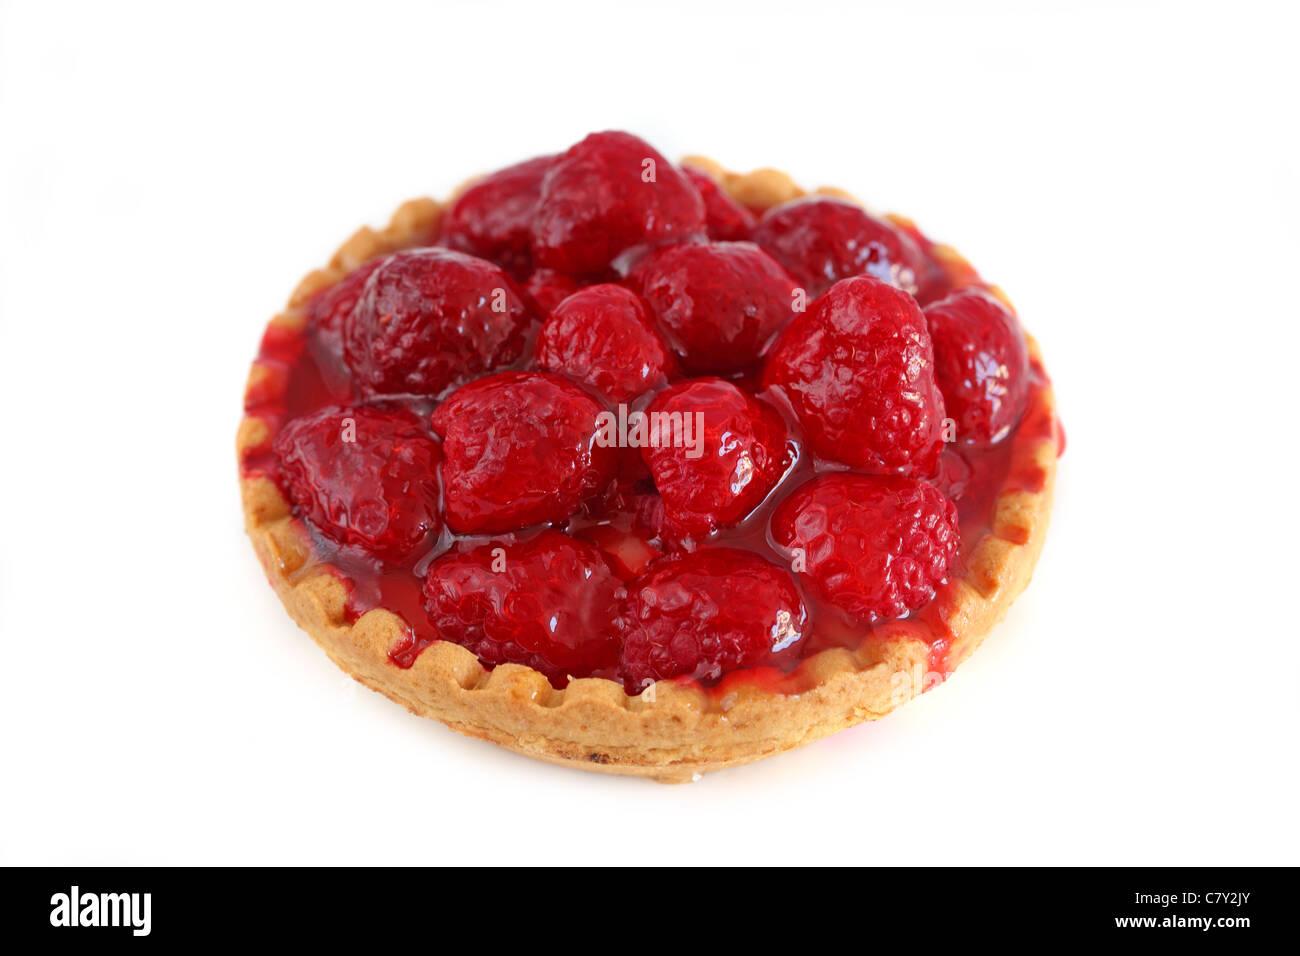 Tartelette aux framboises Raspberry Tart - Stock Image